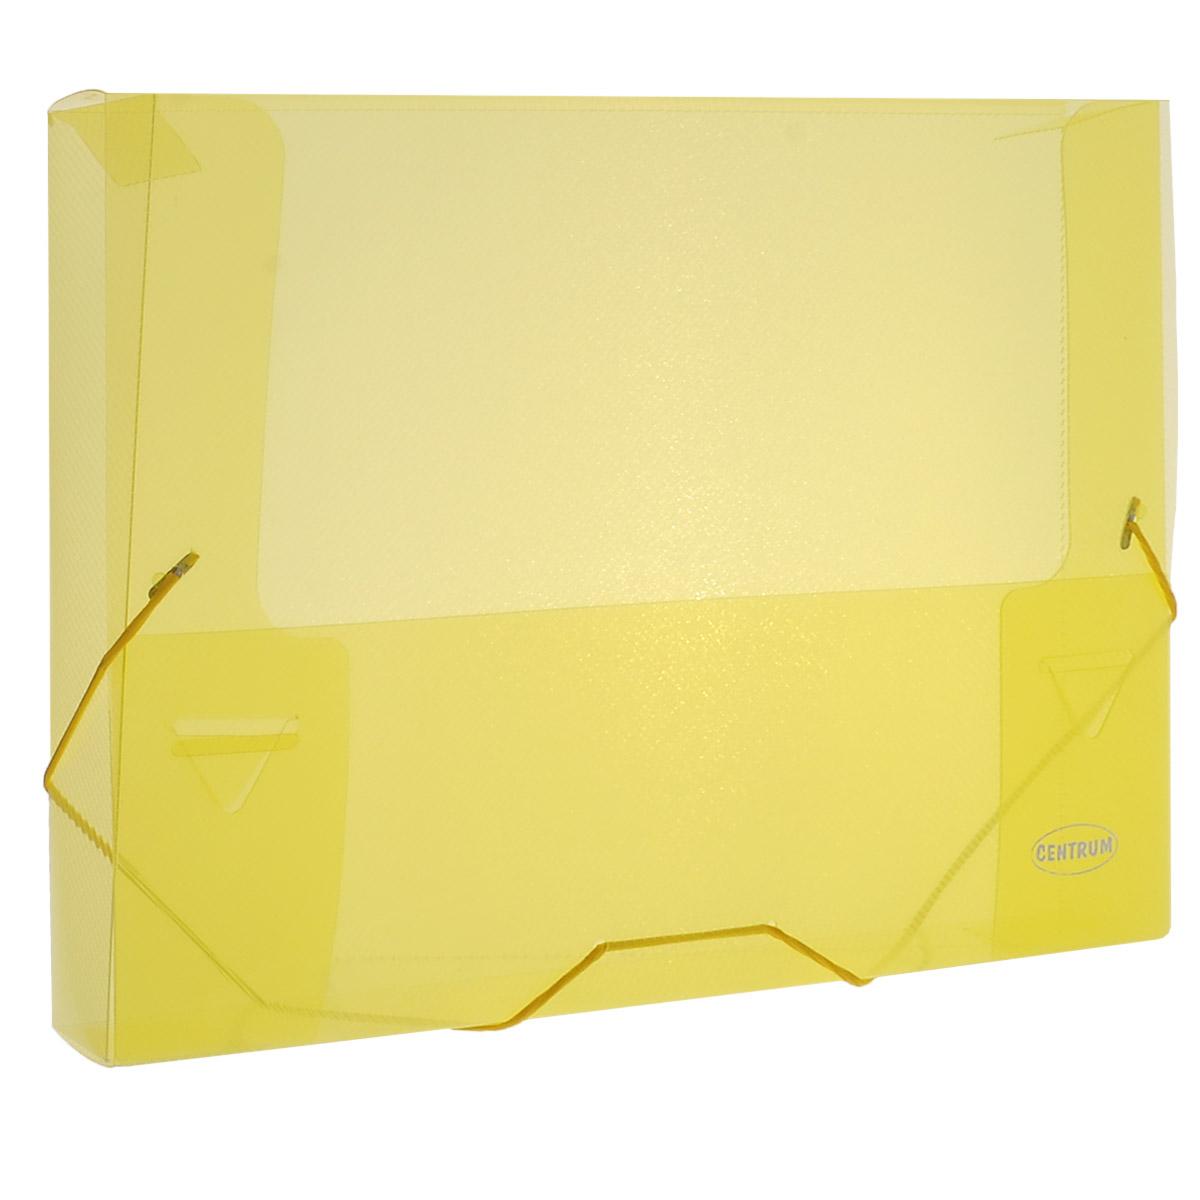 Папка на резинке Centrum, цвет: желтый, формат А4. 8002080020_желтыйПапка на резинке Centrum станет вашим верным помощником дома и в офисе. Это удобный и функциональный инструмент, предназначенный для хранения и транспортировки больших объемов рабочих бумаг и документов формата А4. Папка изготовлена из износостойкого высококачественного пластика. Состоит из одного вместительного отделения. Грани папки закруглены для дополнительной прочности и сохранности опрятного вида папки. Папка - это незаменимый атрибут для любого студента, школьника или офисного работника. Такая папка надежно сохранит ваши бумаги и сбережет их от повреждений, пыли и влаги.